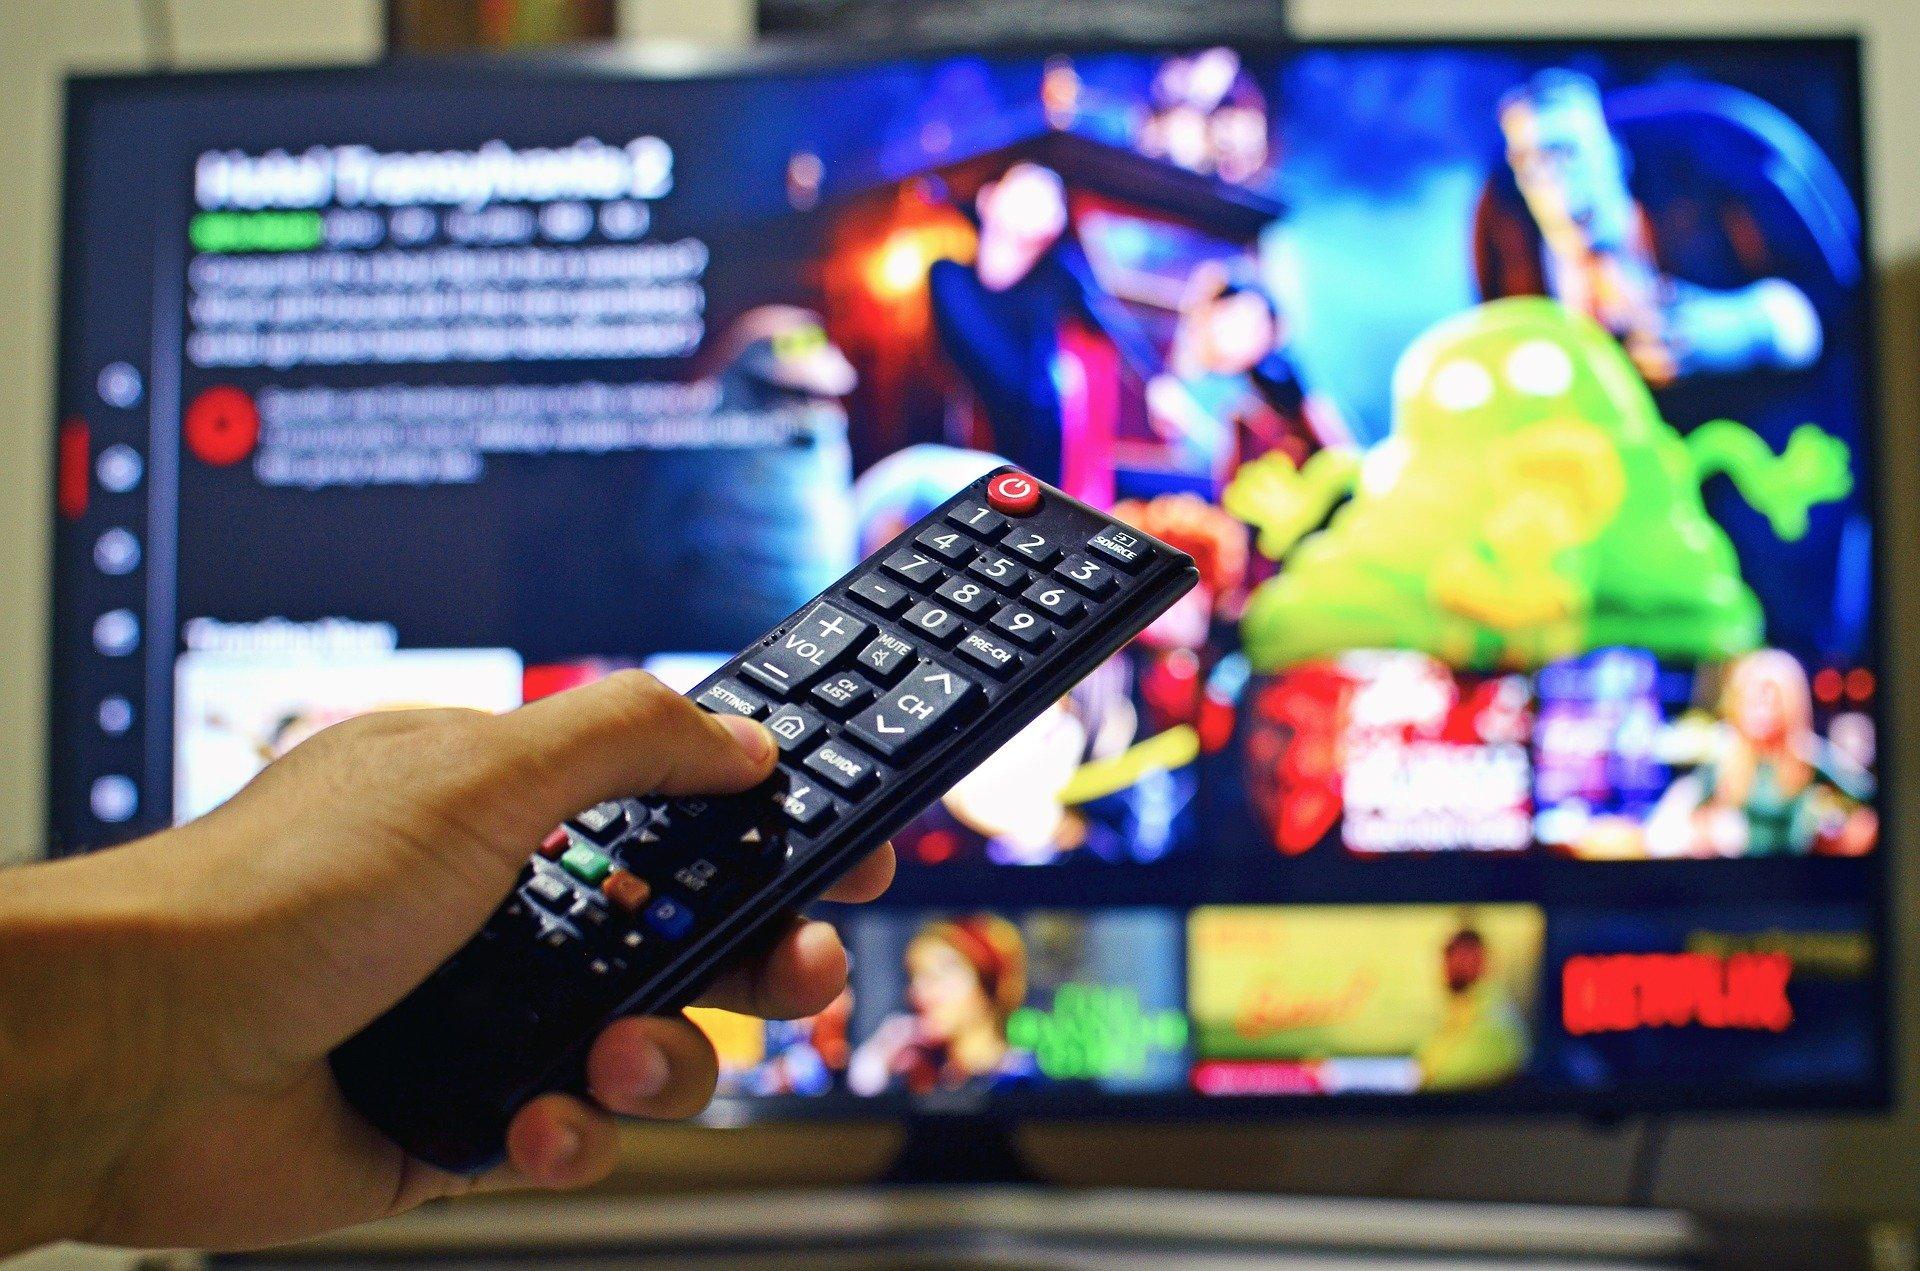 Netflix podwyższył abonament w USA i kilku innych krajach